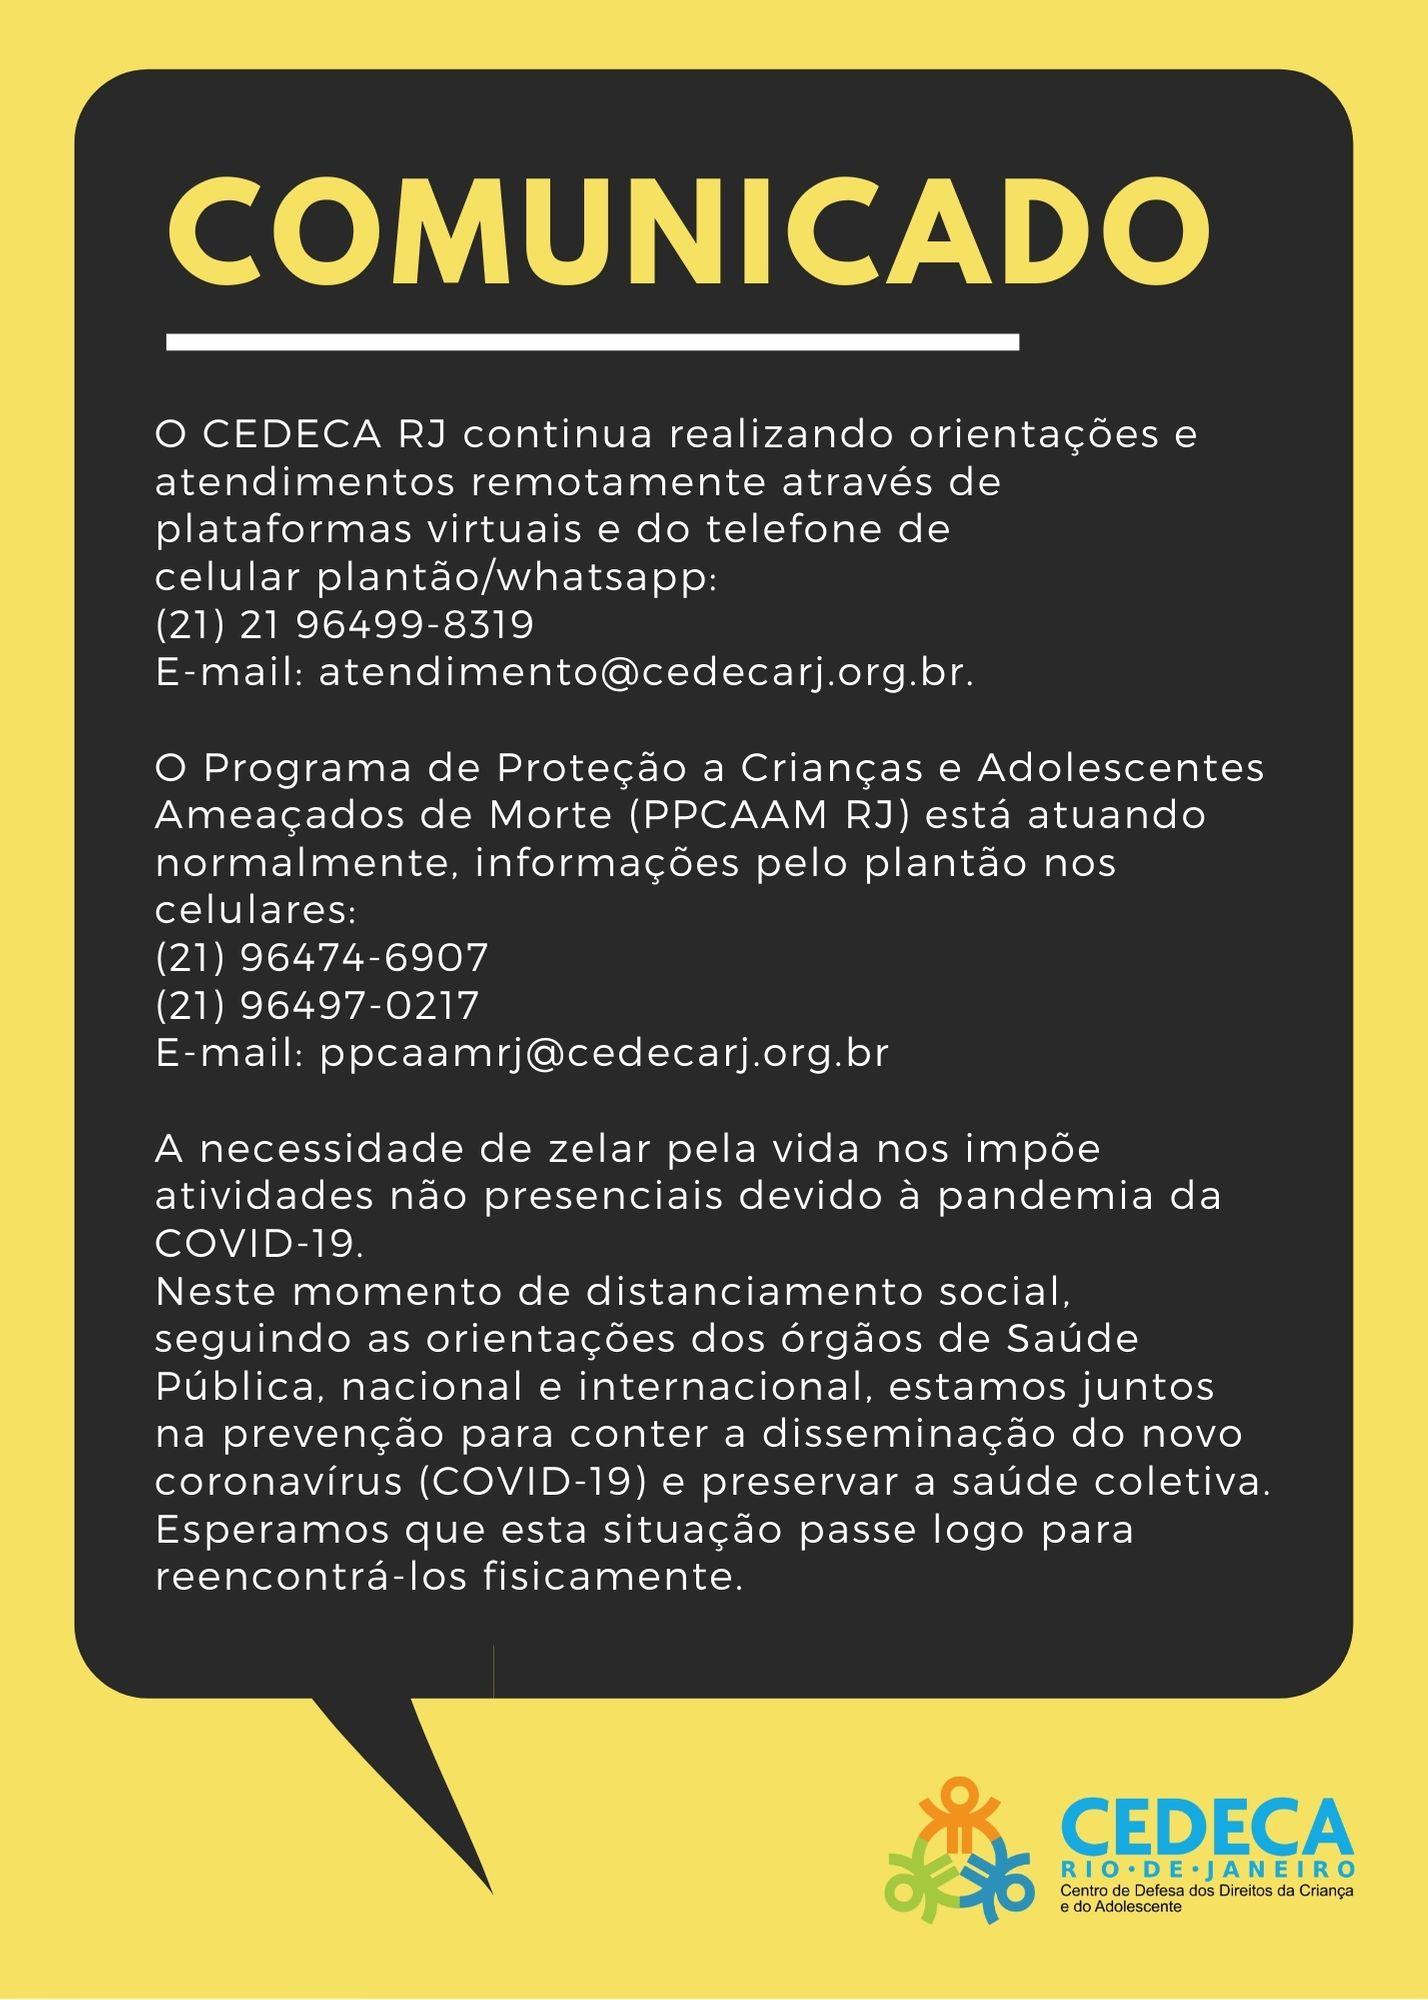 COMUNICADO 6.jpg